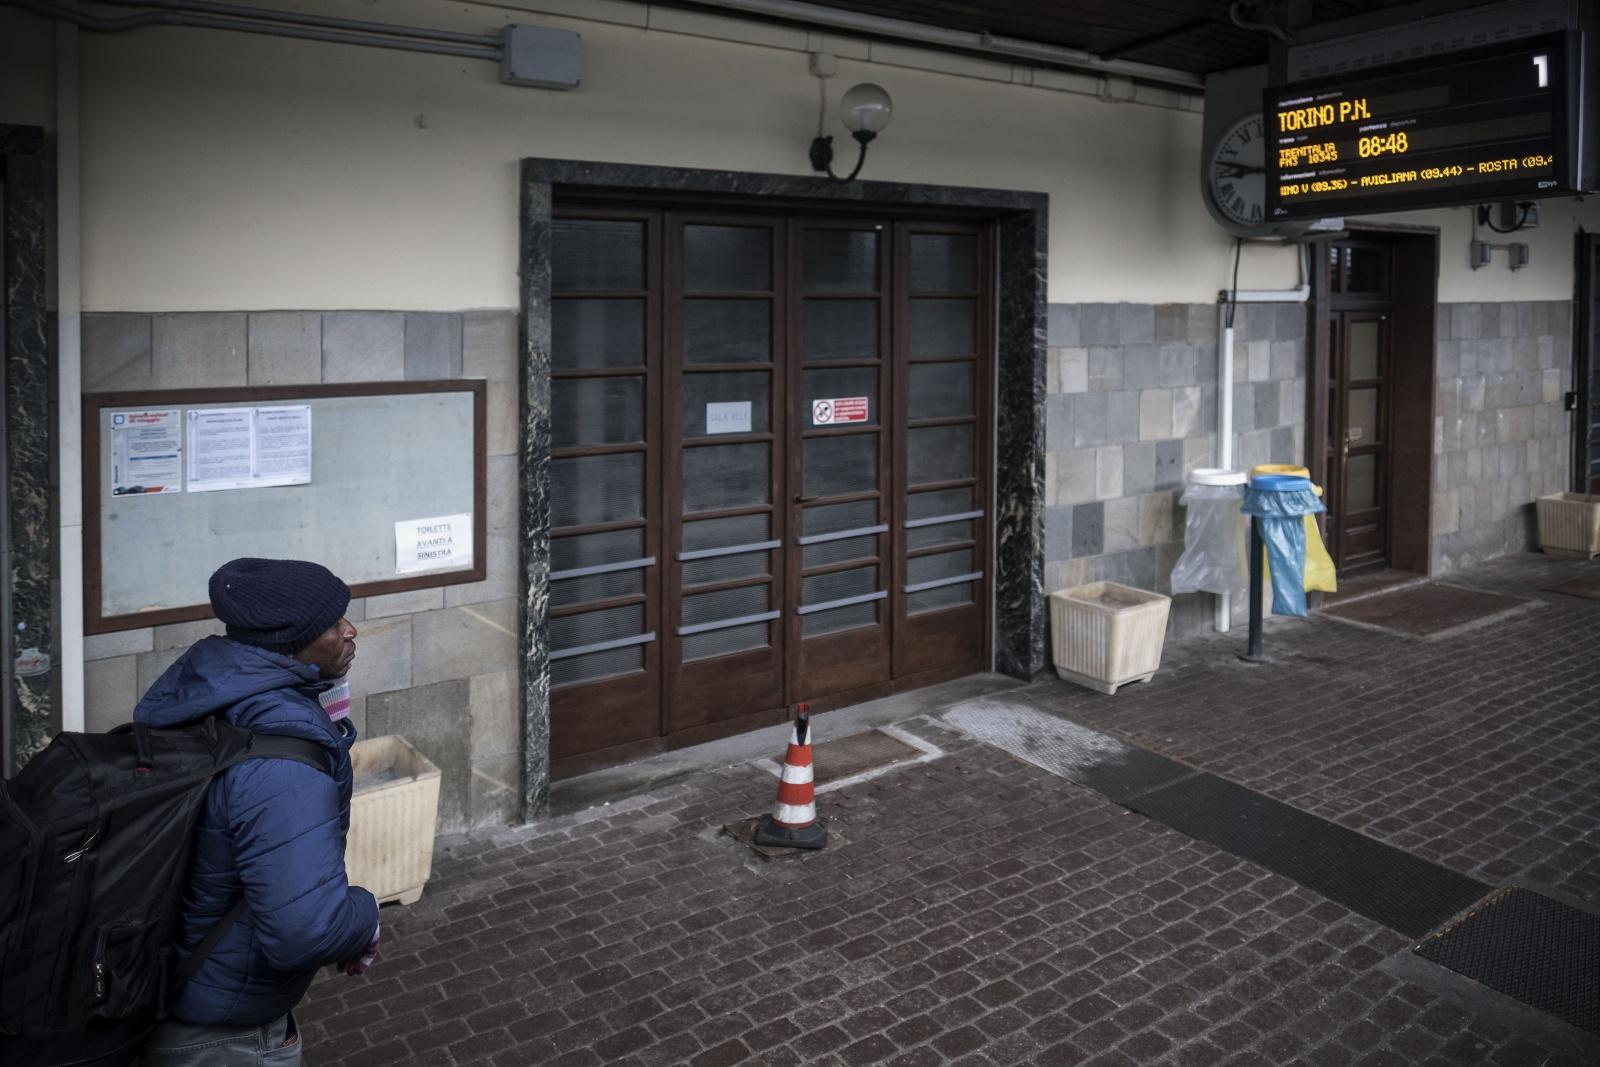 Stazione ferroviaria di Bardonecchia (val di Susa) dove i migranti cercano di attraversare il confine verso la Francia passando dal Colle della Scala